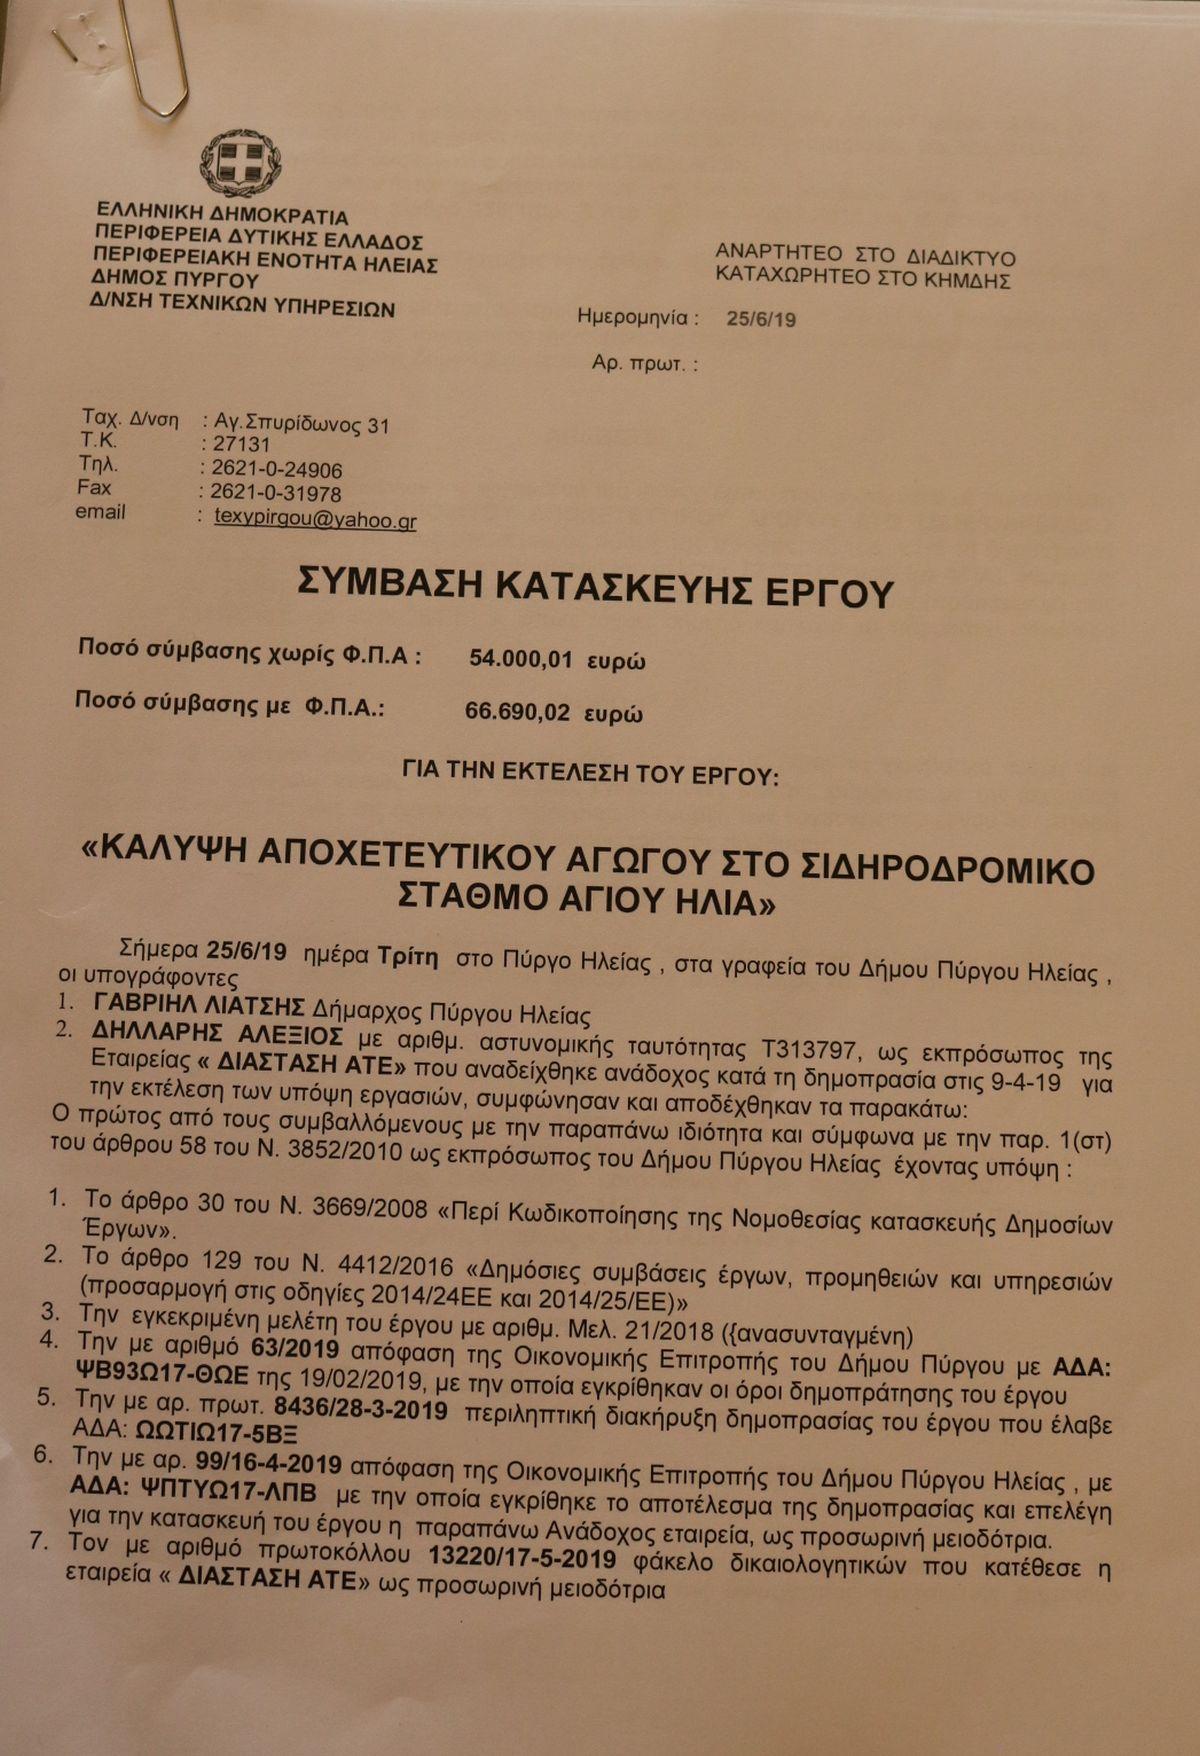 """Δήμος Πύργου: Σύμβαση κατασκευής έργου """"Κάλυψη αποχετευτικού αγωγού στο σιδηροδρομικό σταθμό Αγίου Ηλία"""""""